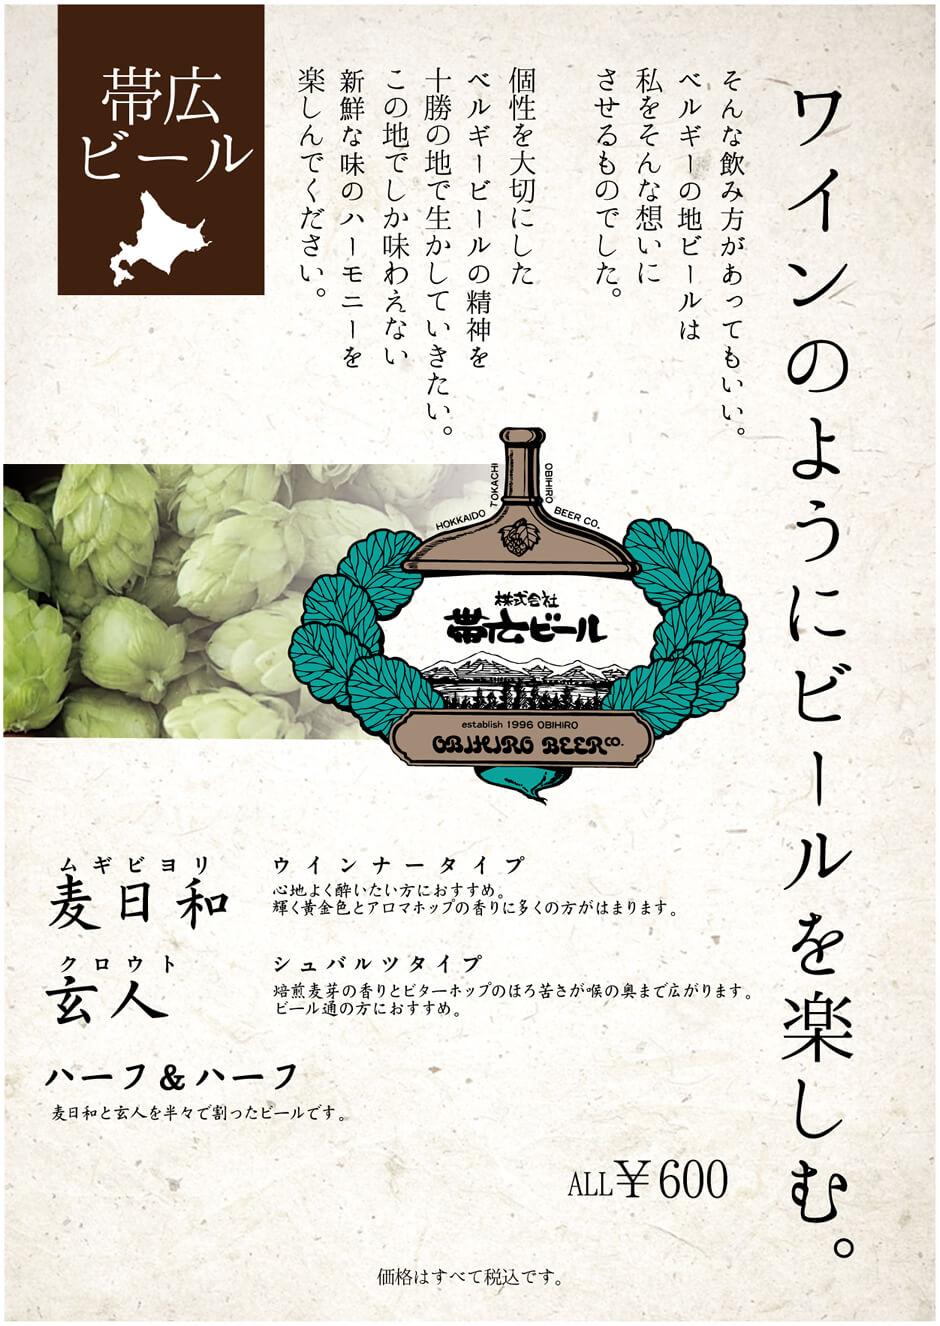 ランチョ エルパソ×A4ドリンクメニュー_01P帯広ビール修正-01